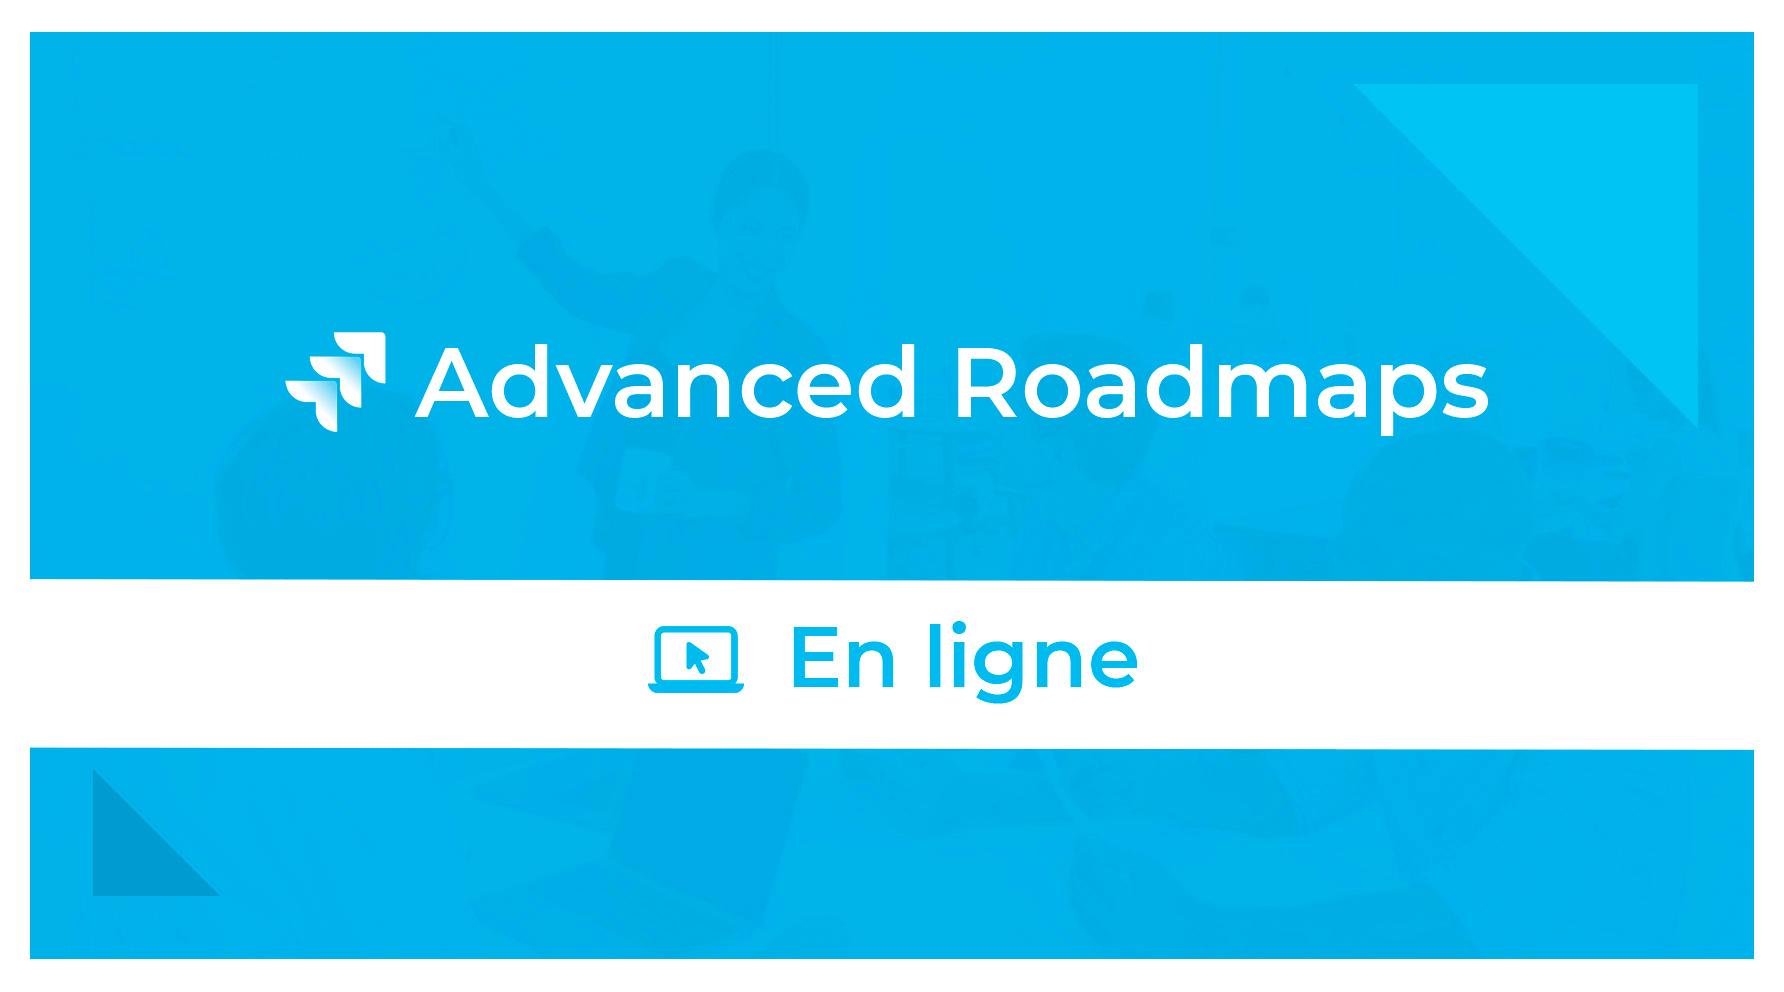 Formation Advanced Roadmaps En Ligne